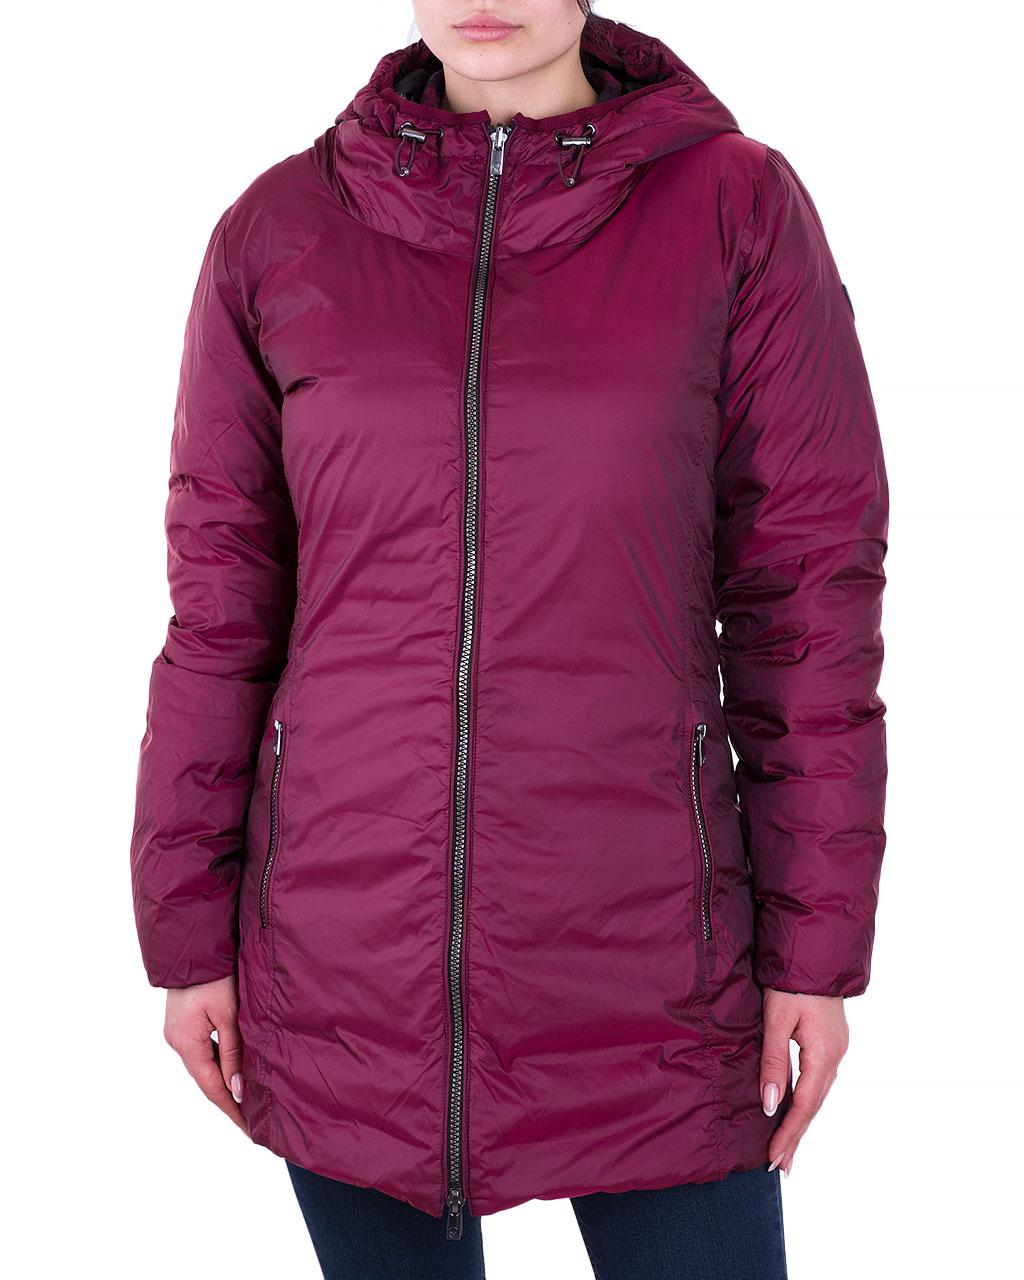 the best attitude b6ee5 f45b1 Women's jacket CIESSE PIUMINI (original) 173CFWC10605-818NXP ...